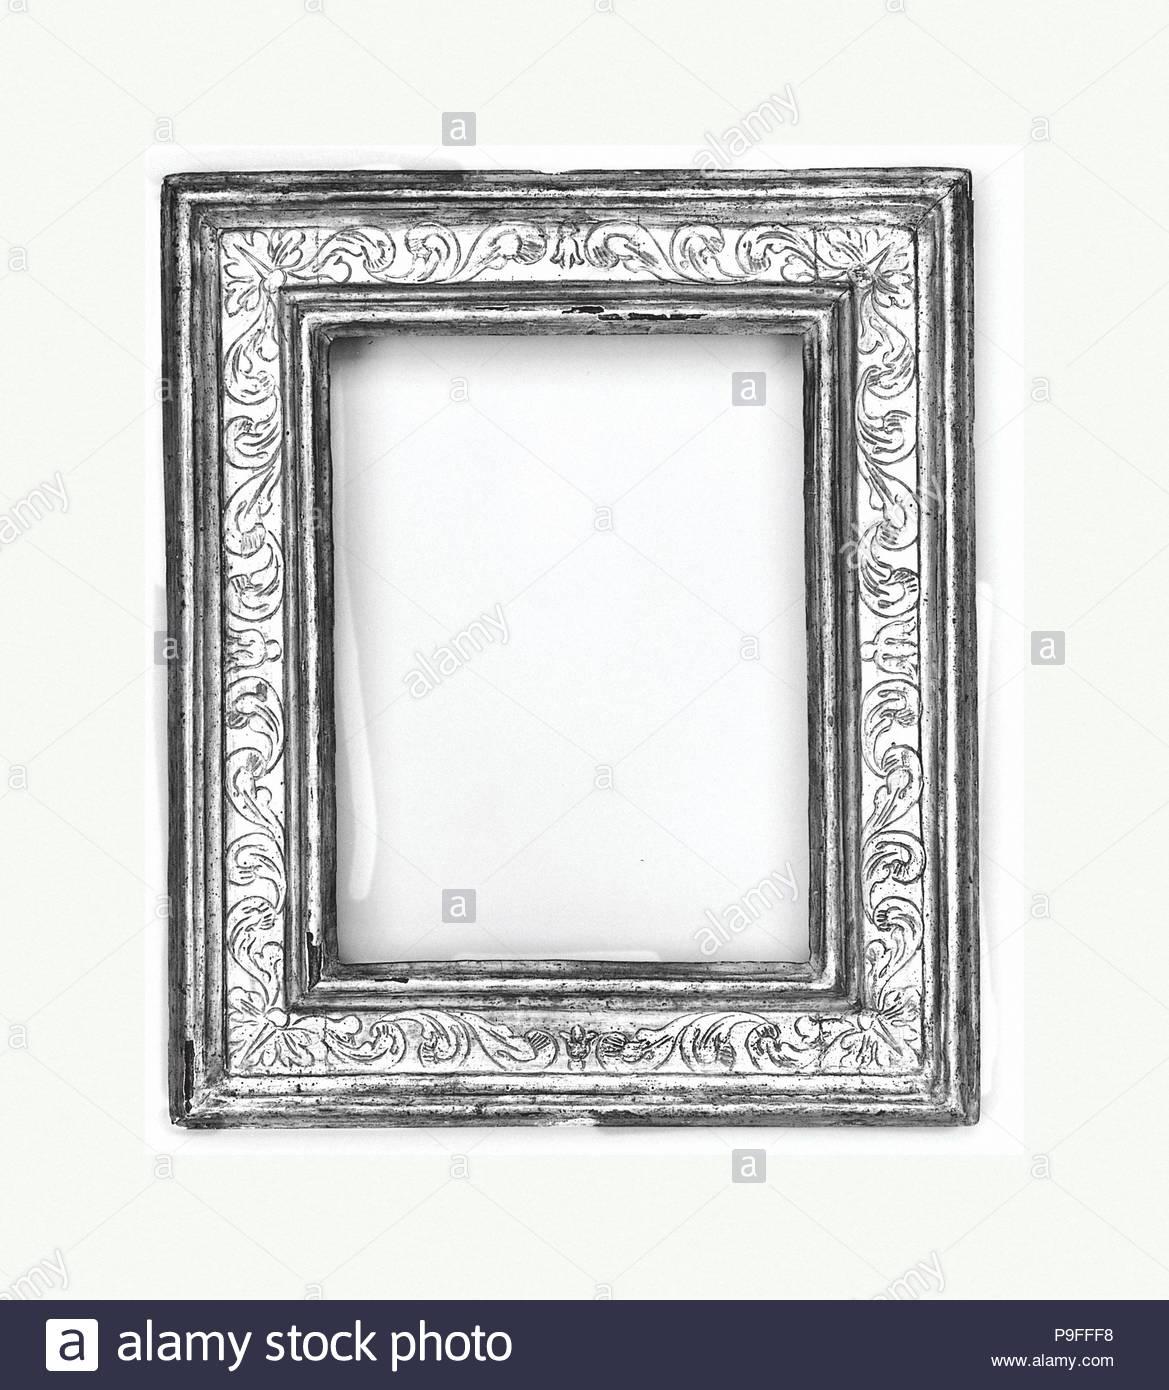 Telaio di cassetta, metà-fine xviii secolo, stile metà del XVII secolo, Italiano, Bologna, pioppo, 43,5 x 37, 28 x 21.2, 29.3 x 22.3 cm., cornici. Immagini Stock